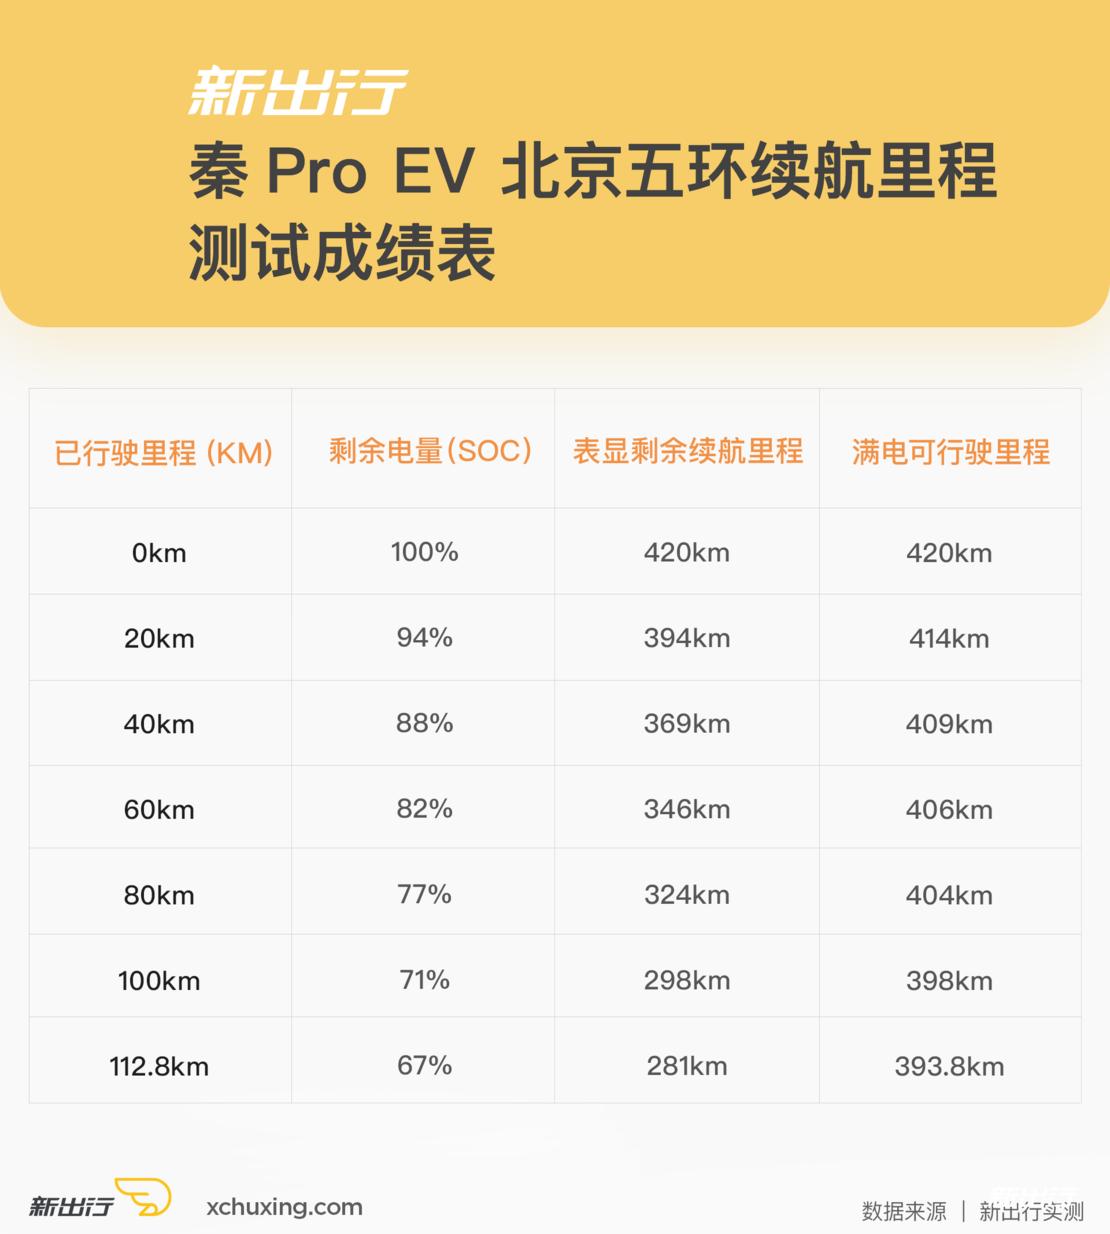 秦Pro-EV-五环续航表.png